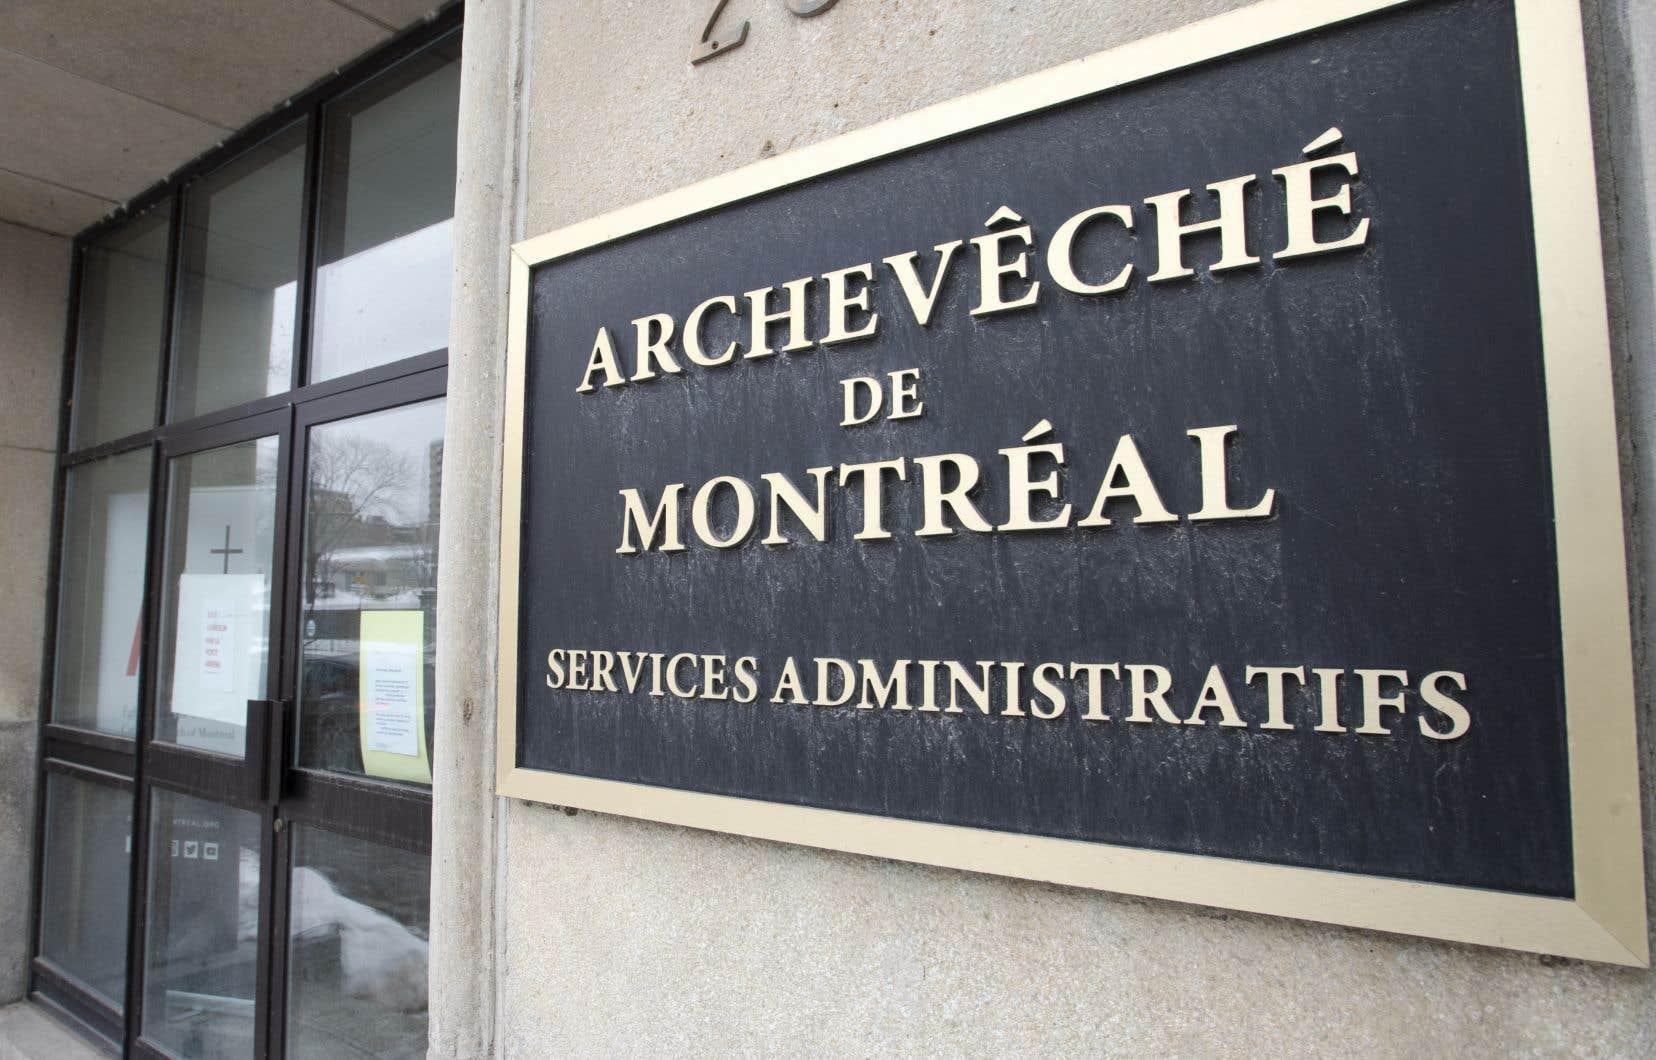 «Personne ne pourra fermer les yeux et se dégager de sa responsabilité pour quelque motif que ce soit», a affirmé d'entrée de jeu l'archevêque de Montréal, Mgr Christian Lépine.